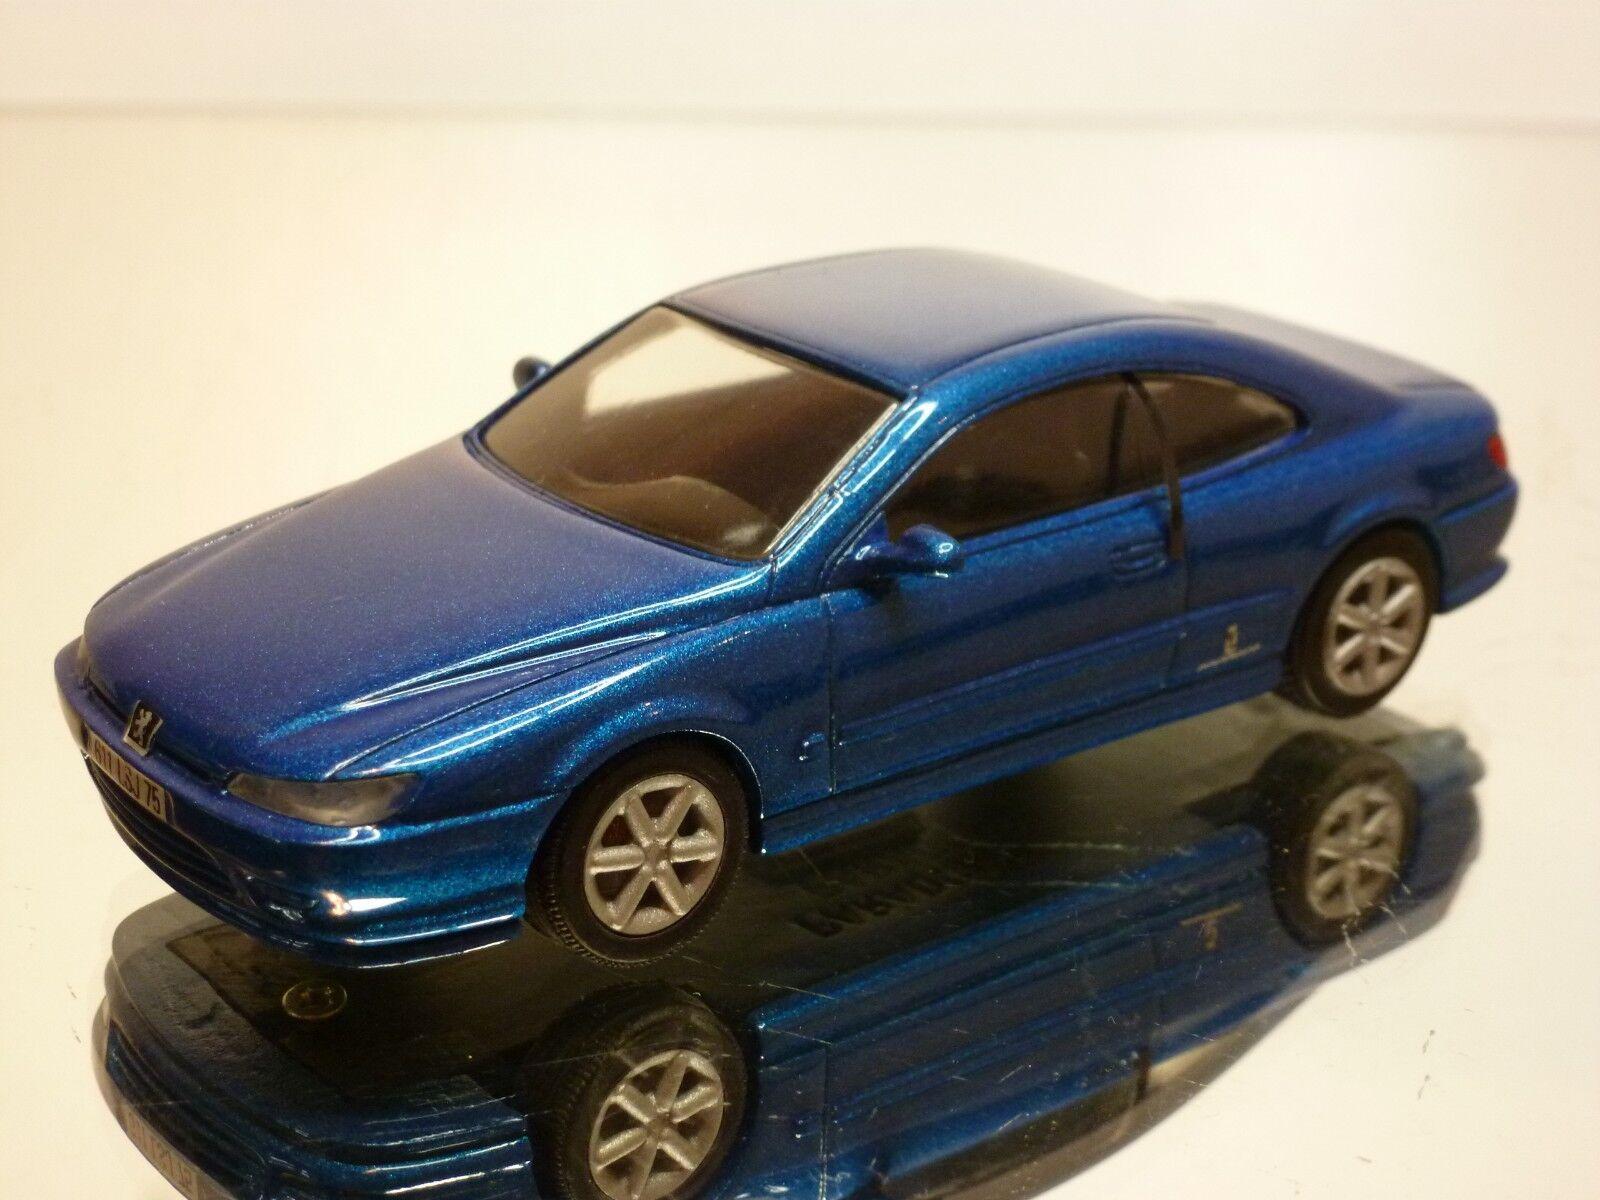 PARADCAR PEUGEOT 406 - blueE METALLIC 1 43 - EXCELLENT - 4+5